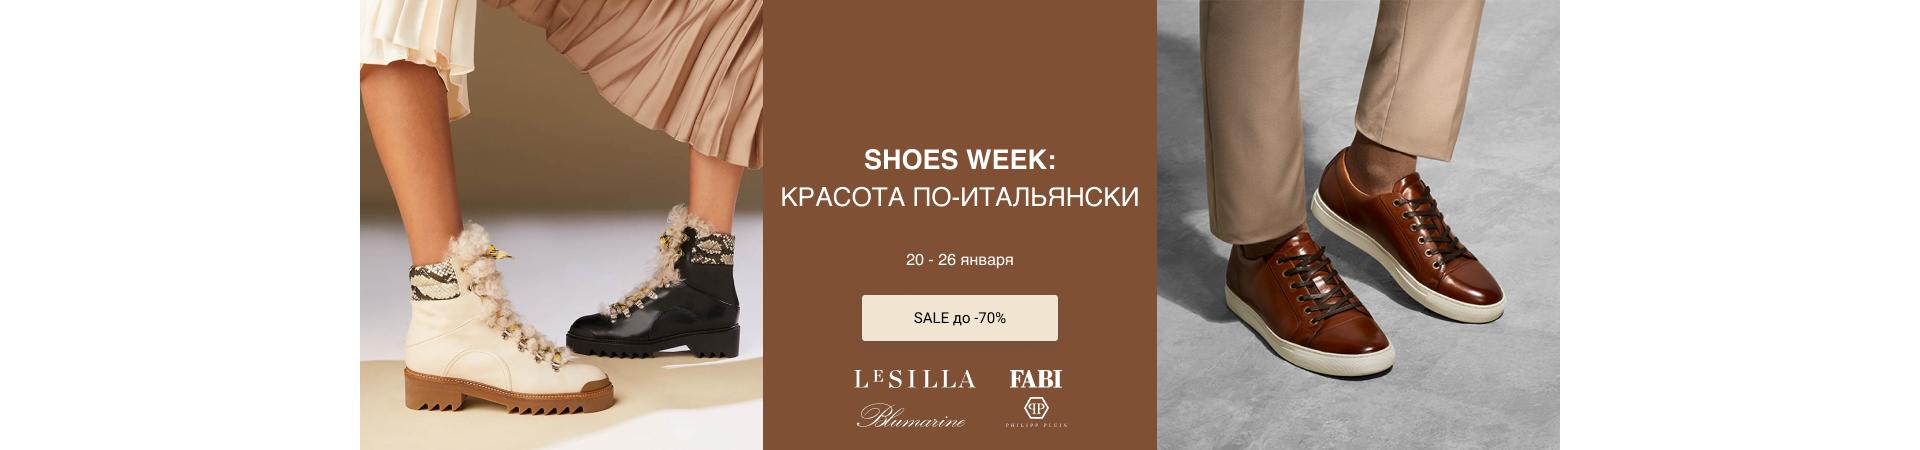 Красота по-итальянски: Shoes week